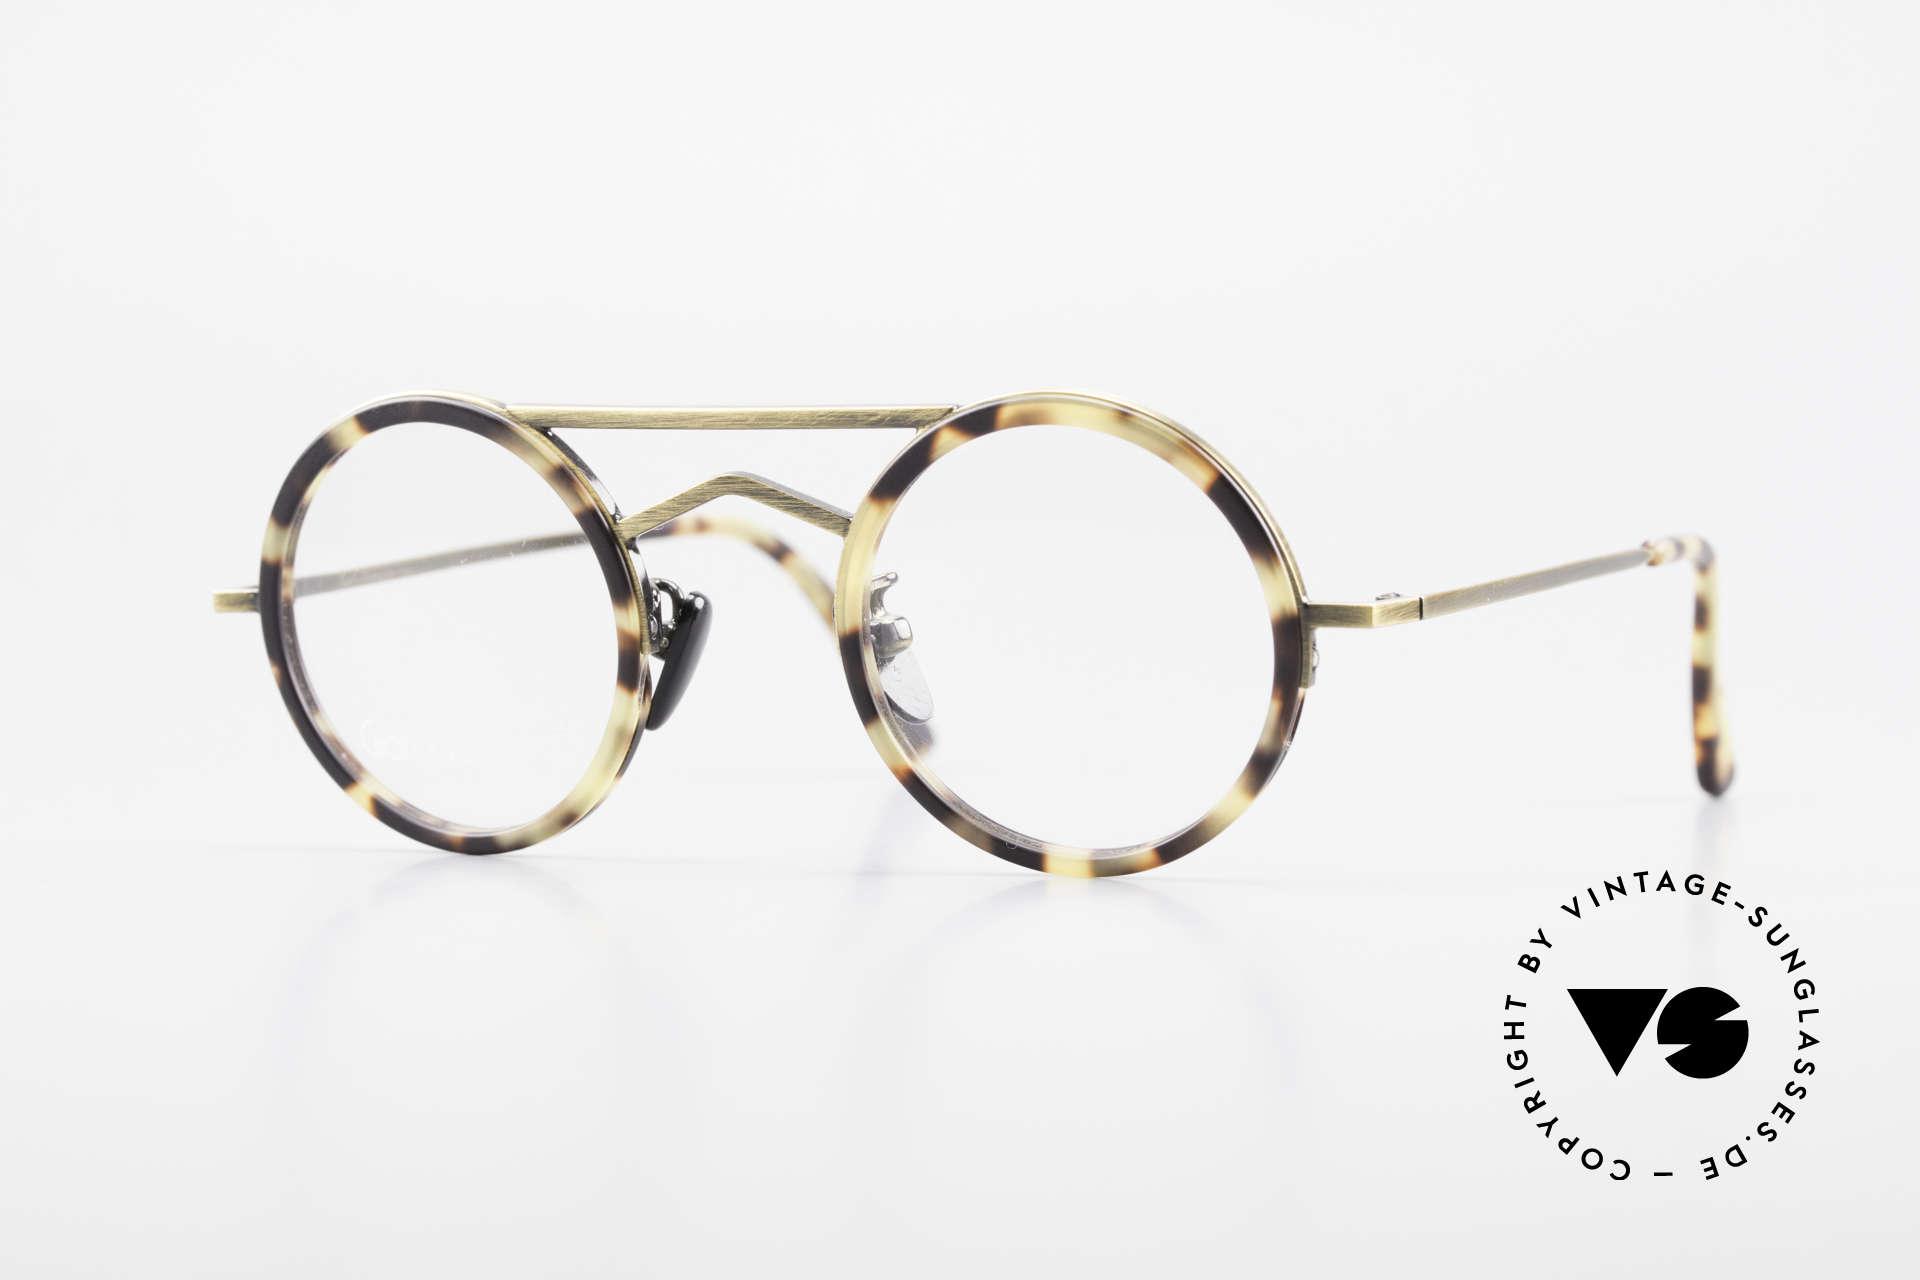 Gianni Versace 620 Runde 90er Vintage Brille, schmales und rundes vintage Versace Brillengestell, Passend für Herren und Damen